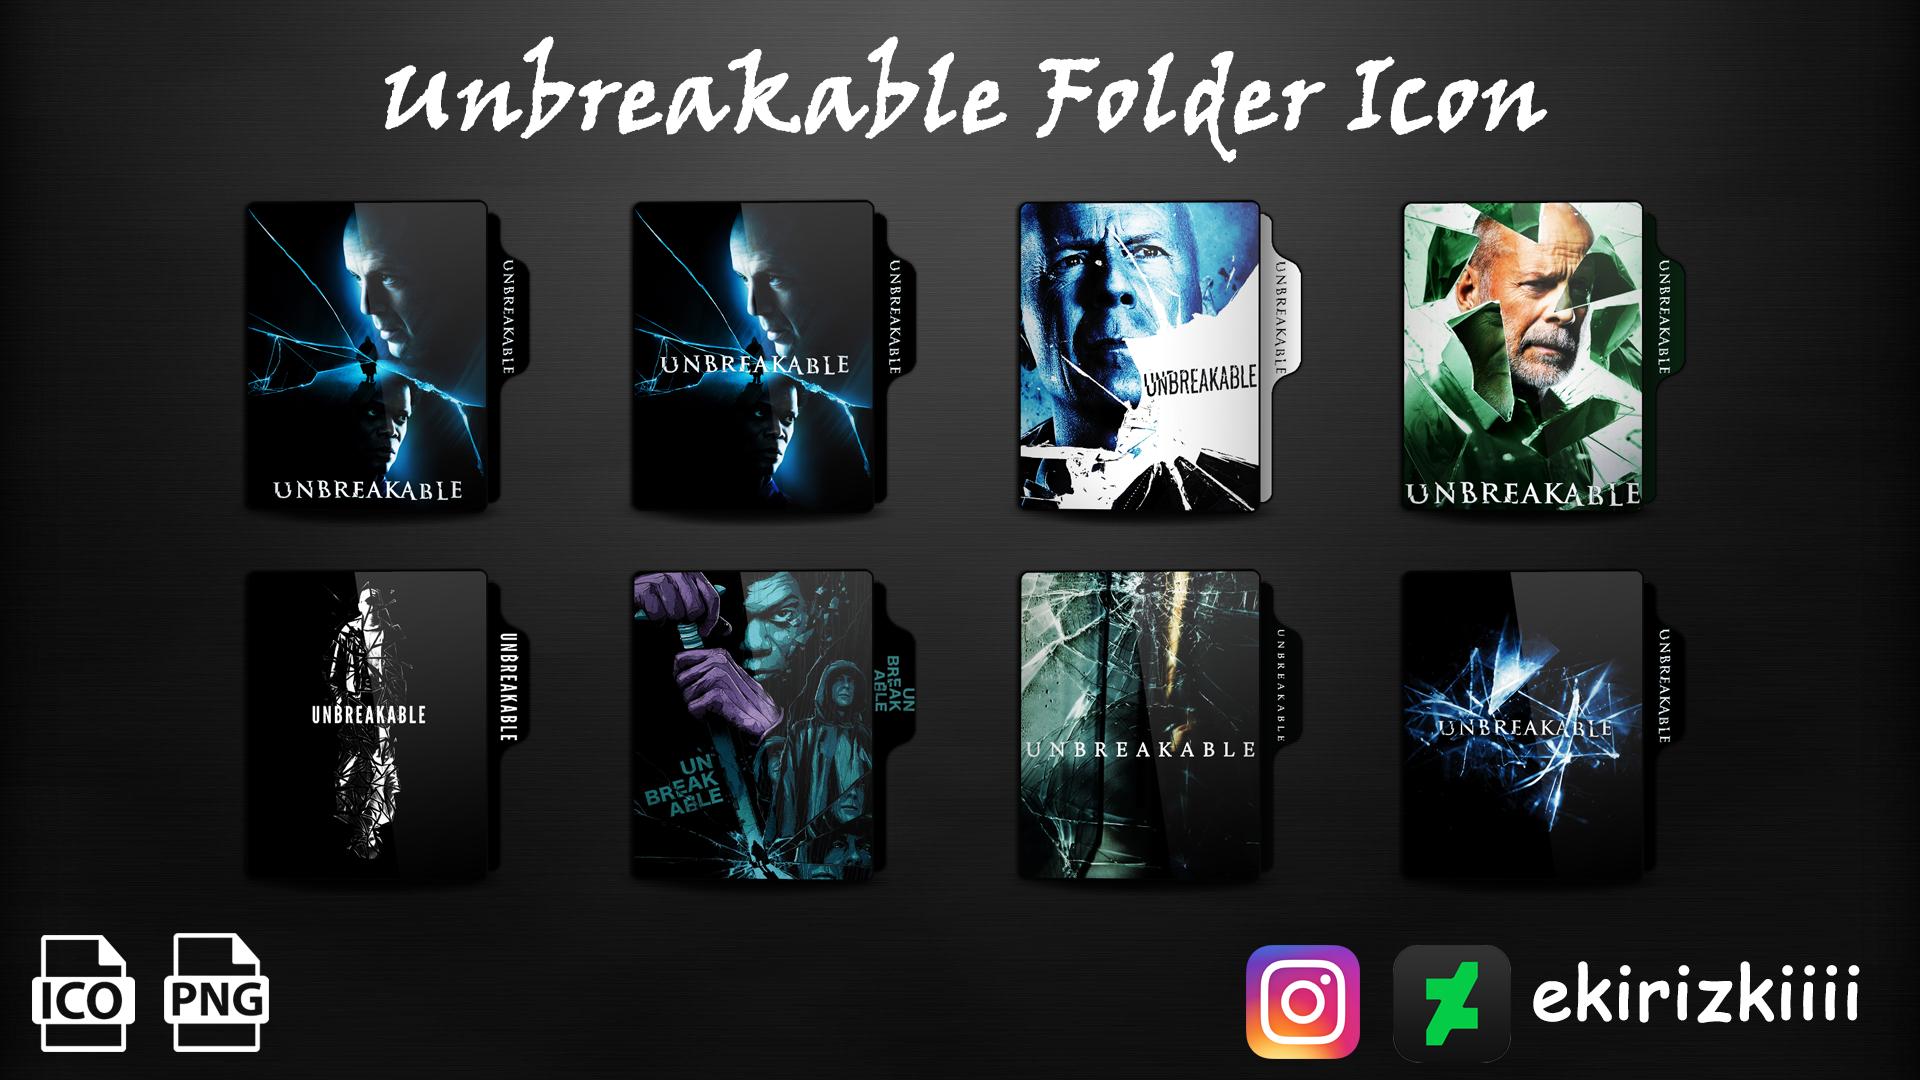 Unbreakable 2000 Folder Icon By Ekirizkiiii On Deviantart